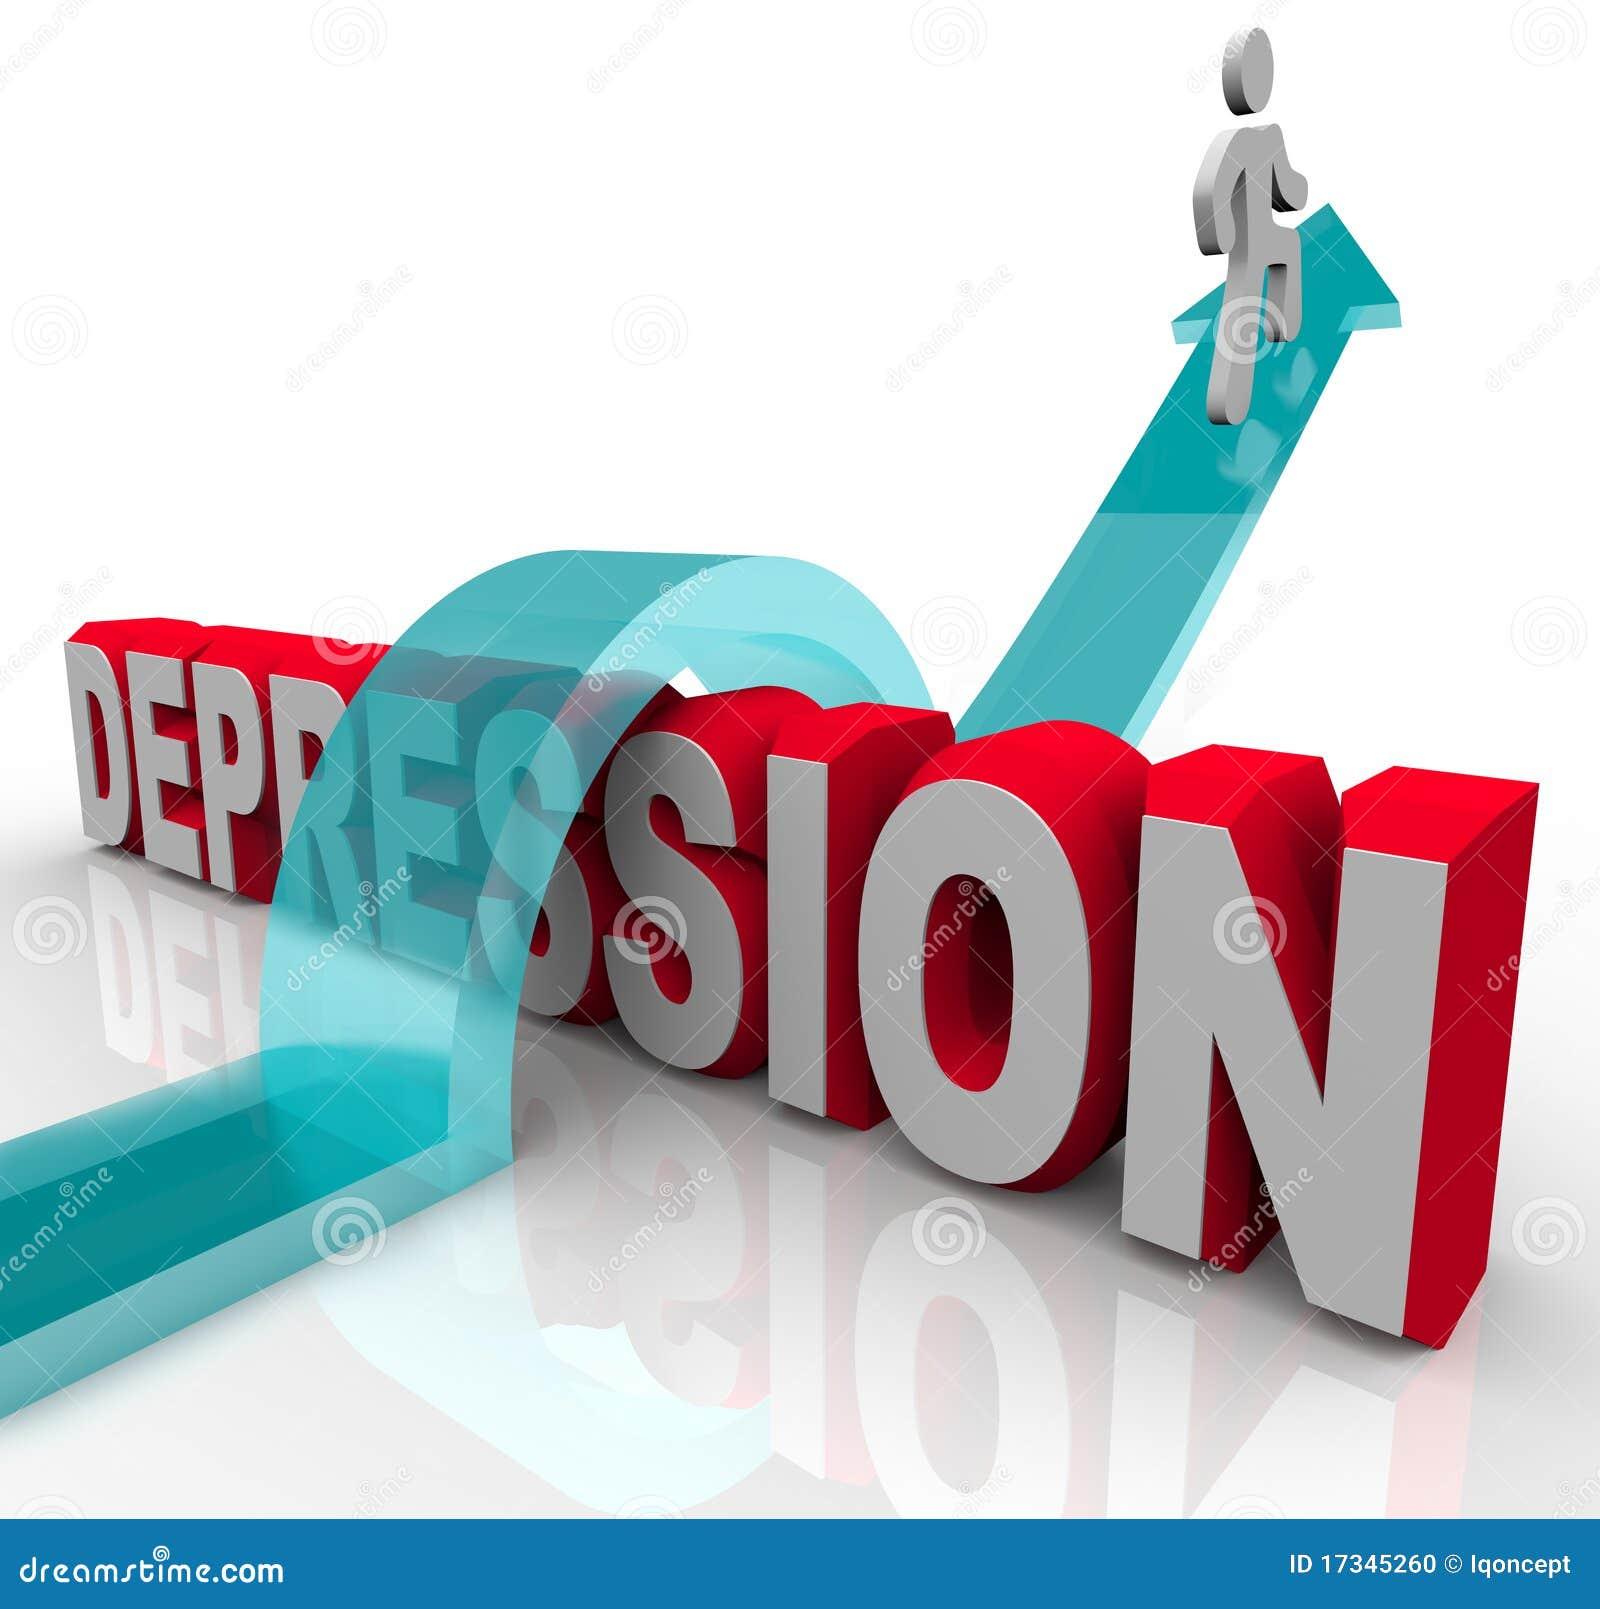 Depressão - saltando sobre a palavra